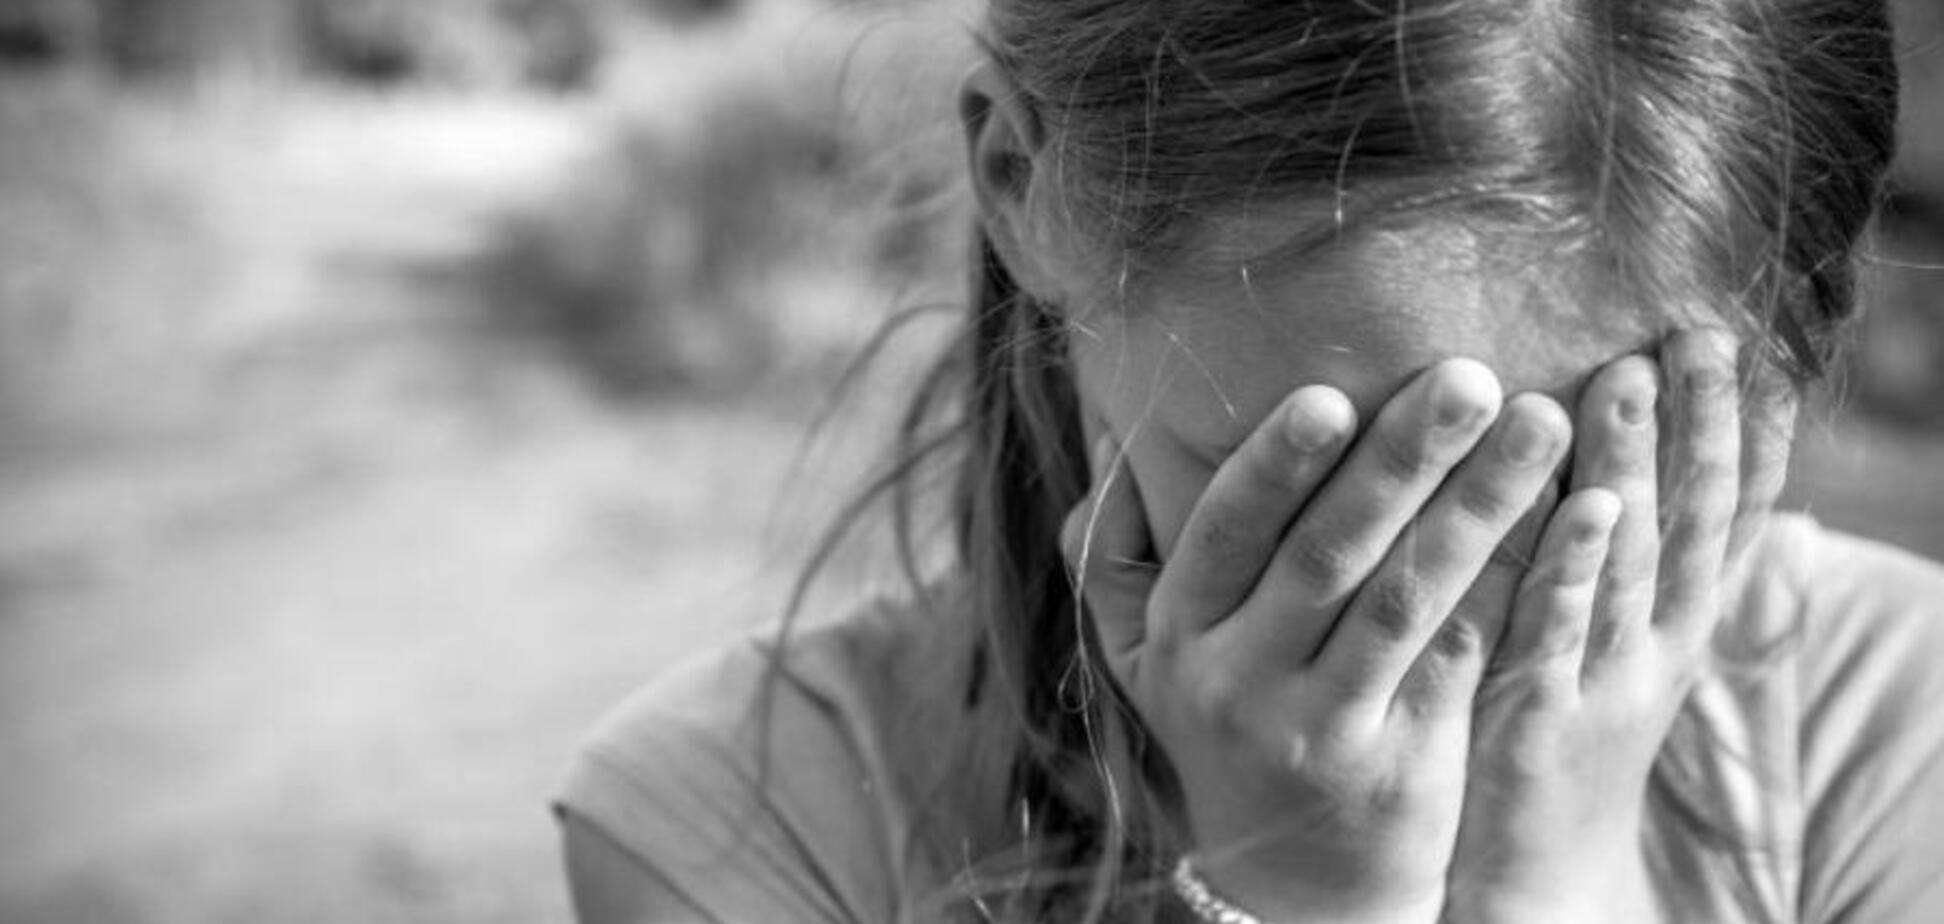 В Днепре девочка рассекла лицо в игровом центре: жители в панике